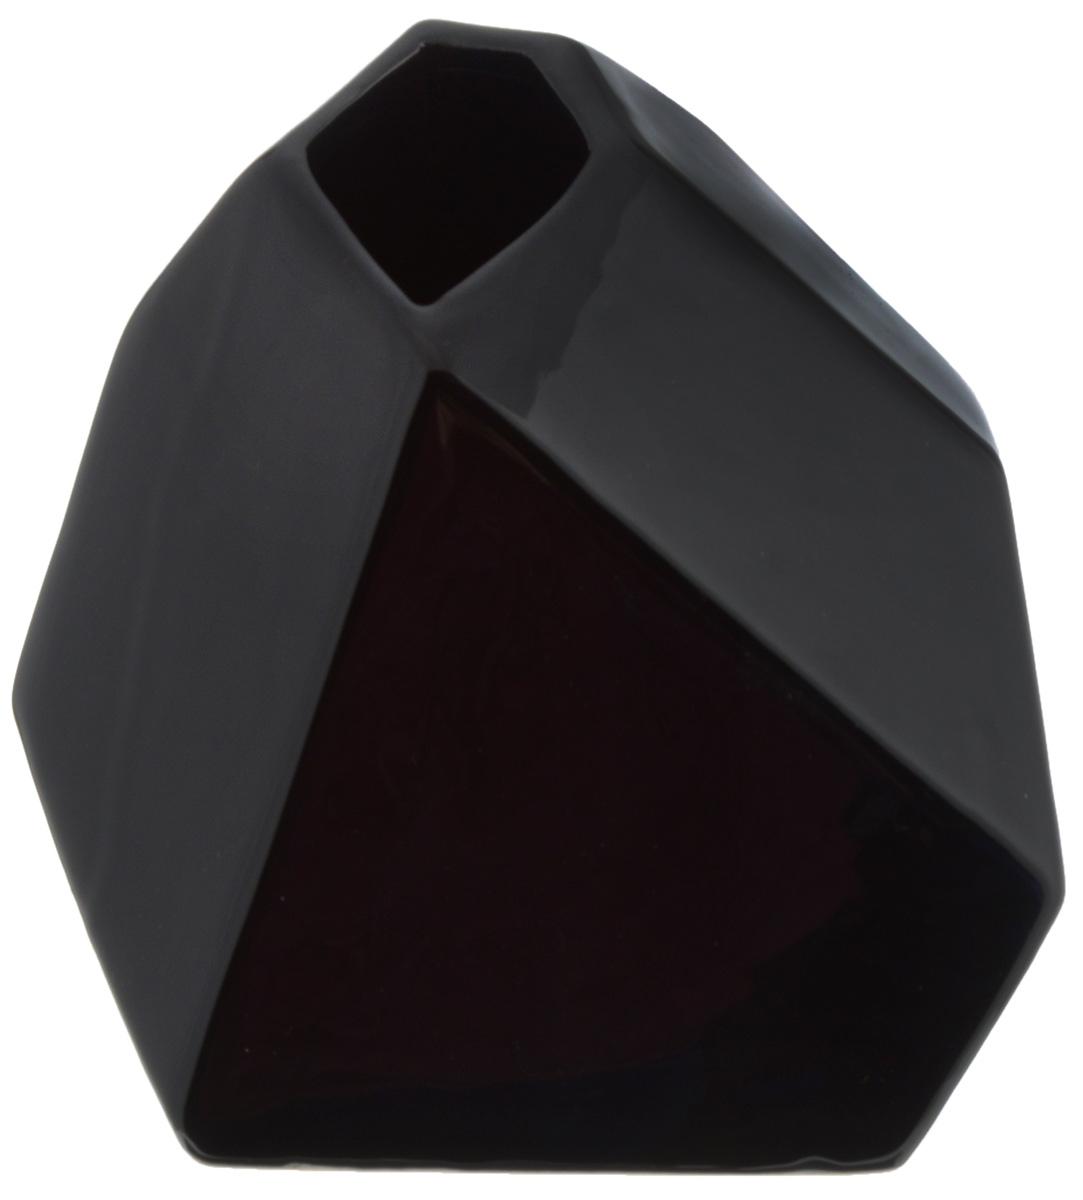 Ваза House & Holder, высота 15,5 смYDY16114Экстравагантная ваза House & Holder, изготовленная из керамики, выполнена в ассиметричной форме. Такое оформление делает ее изящным украшением интерьера. Ваза House & Holder дополнит интерьер офиса или дома и станет желанным и стильным подарком. Размер вазы: 14 х 15 х 15,5 см.